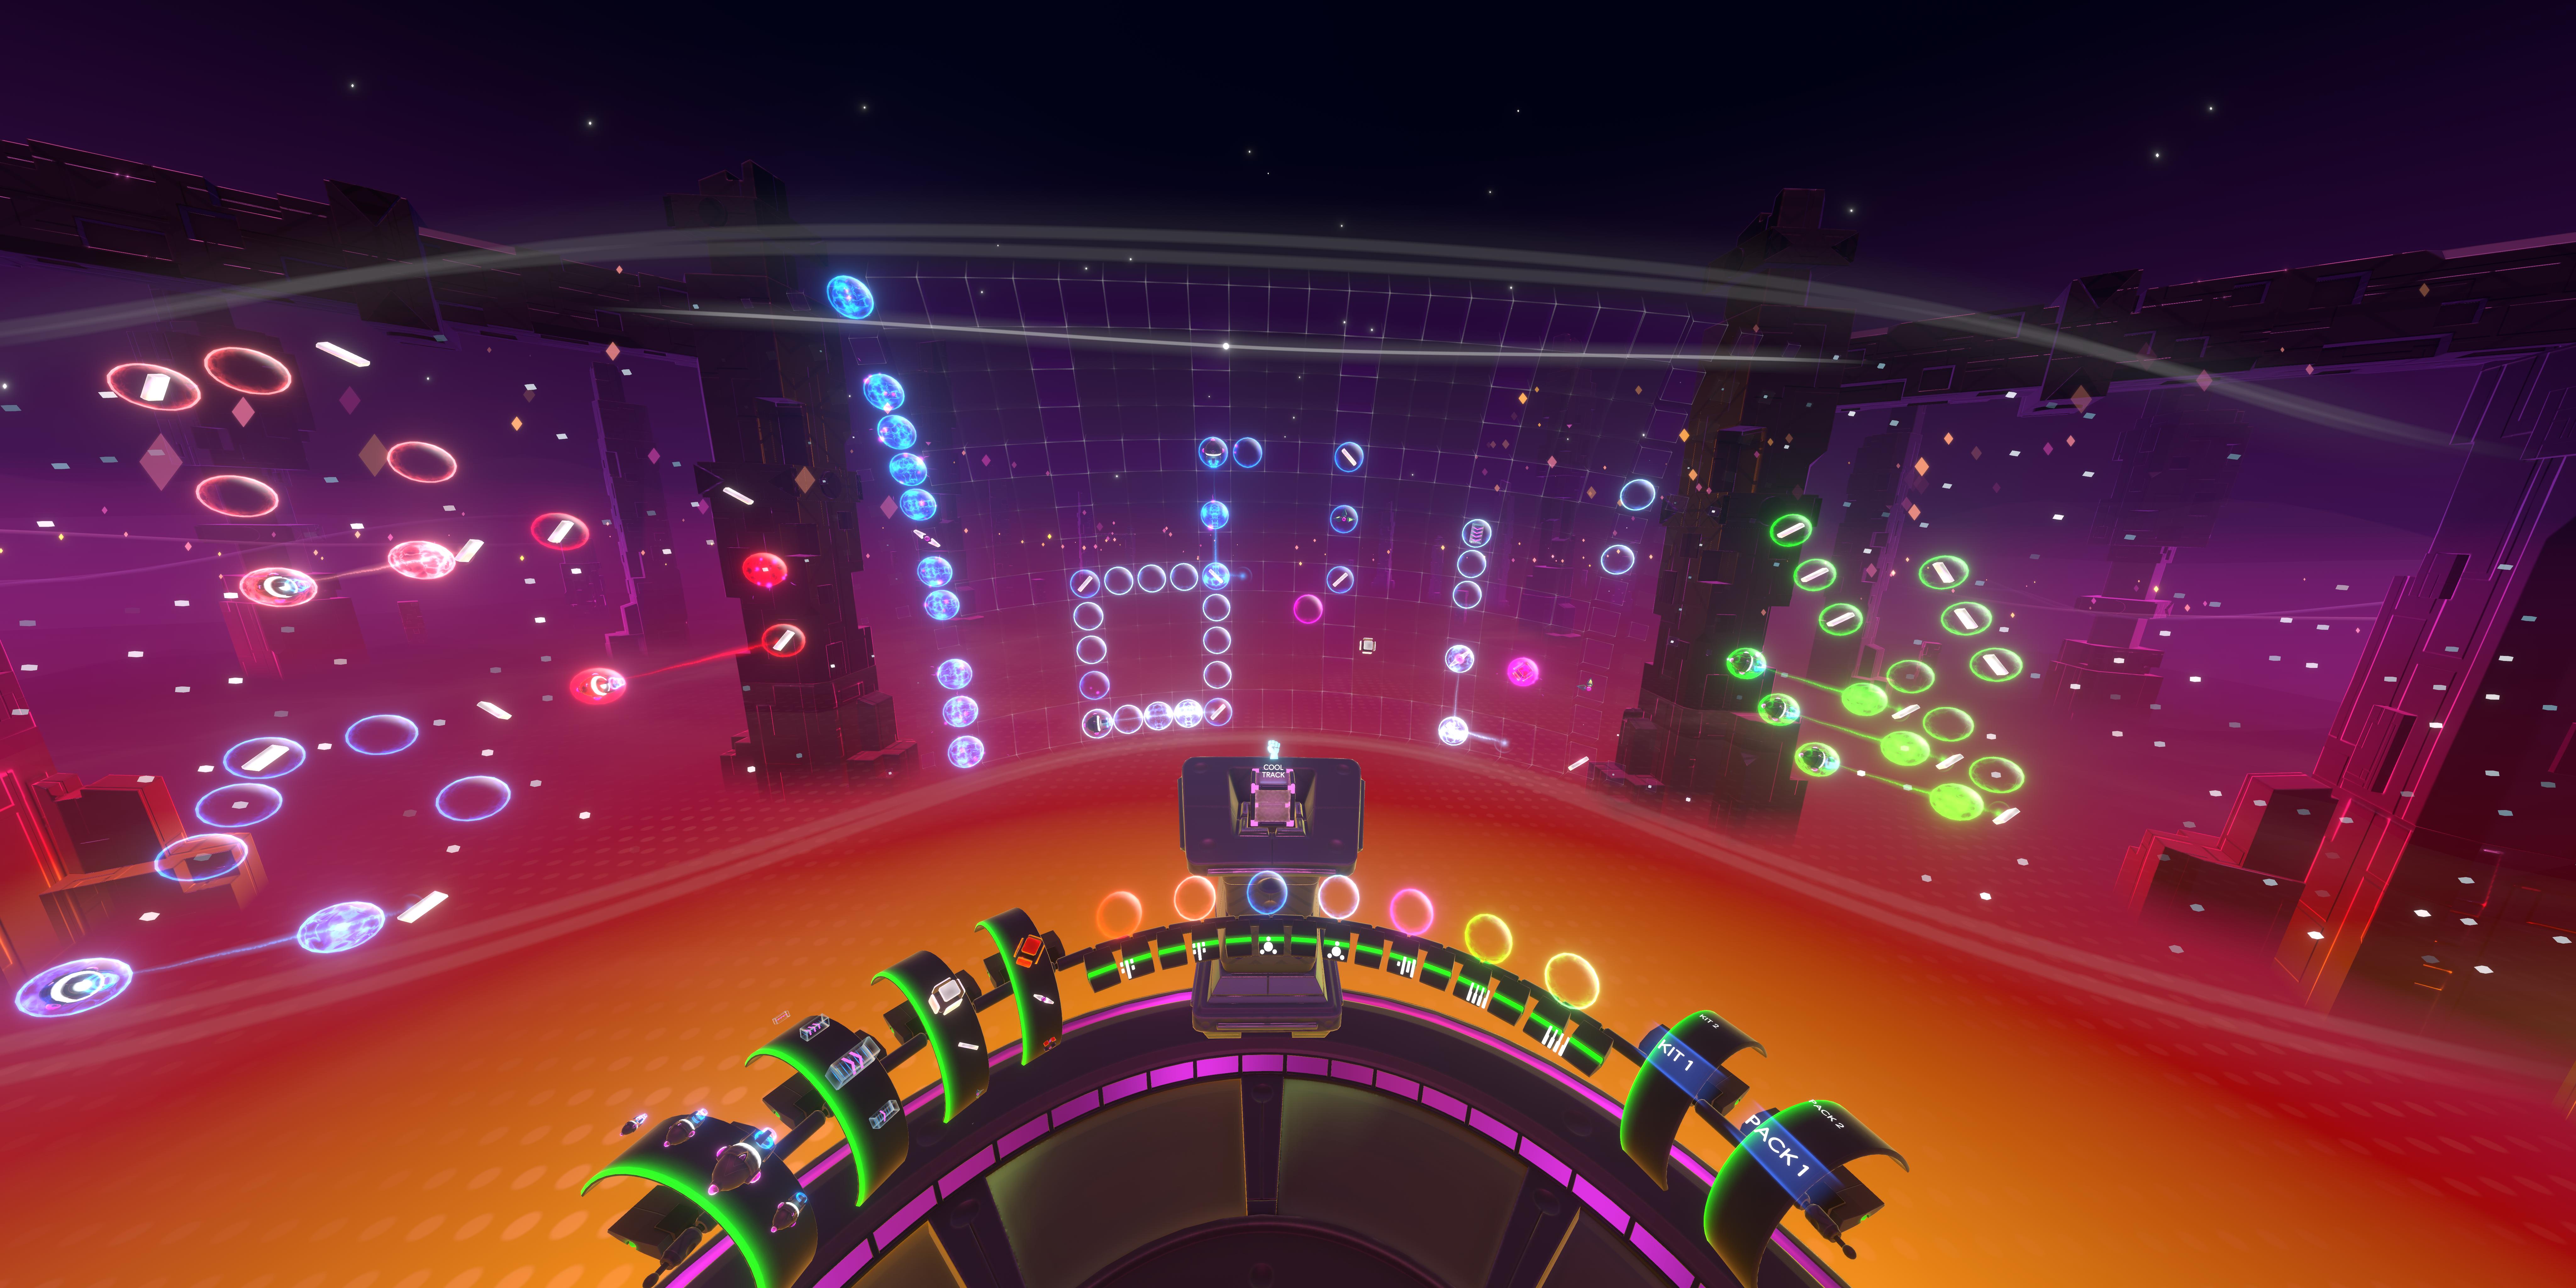 44144977032 8a7d0090df o - Erstellt euren eigenen Beat in der virtuellen Realität mit Track Lab – ab heute für PS VR erhältlich